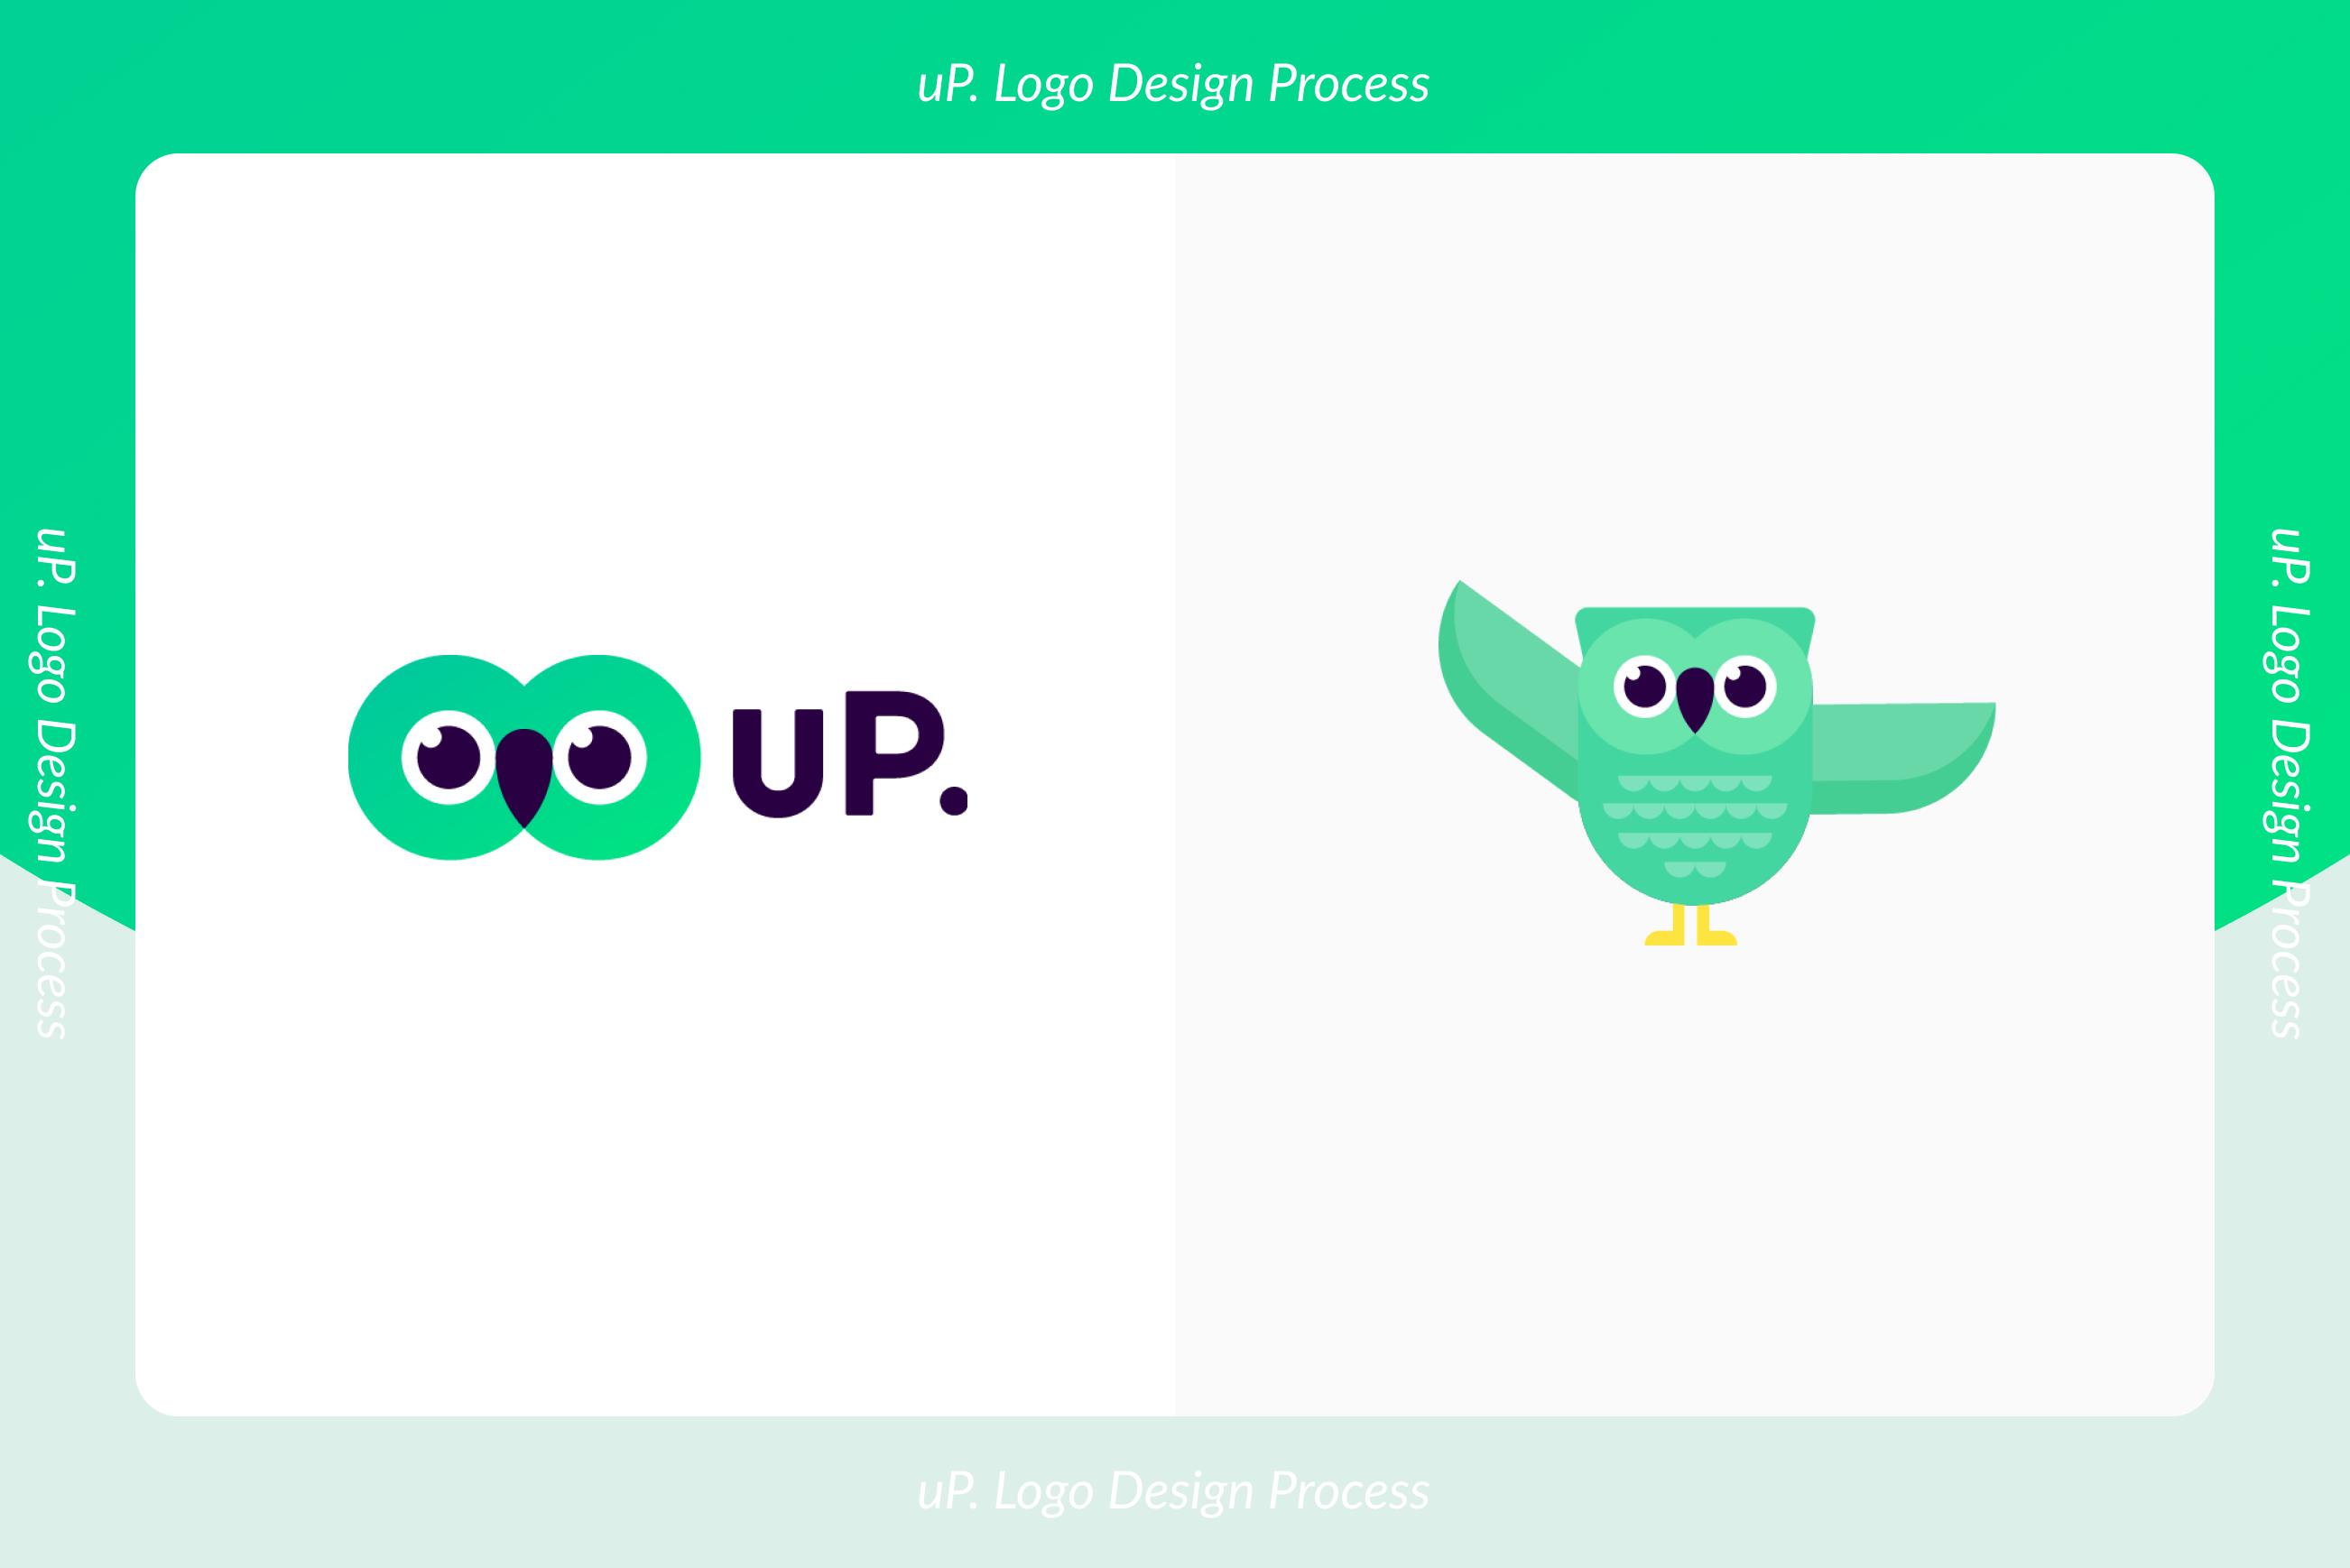 スピードと納得感を両立させる、uP.のロゴデザインプロセスのサムネイル画像